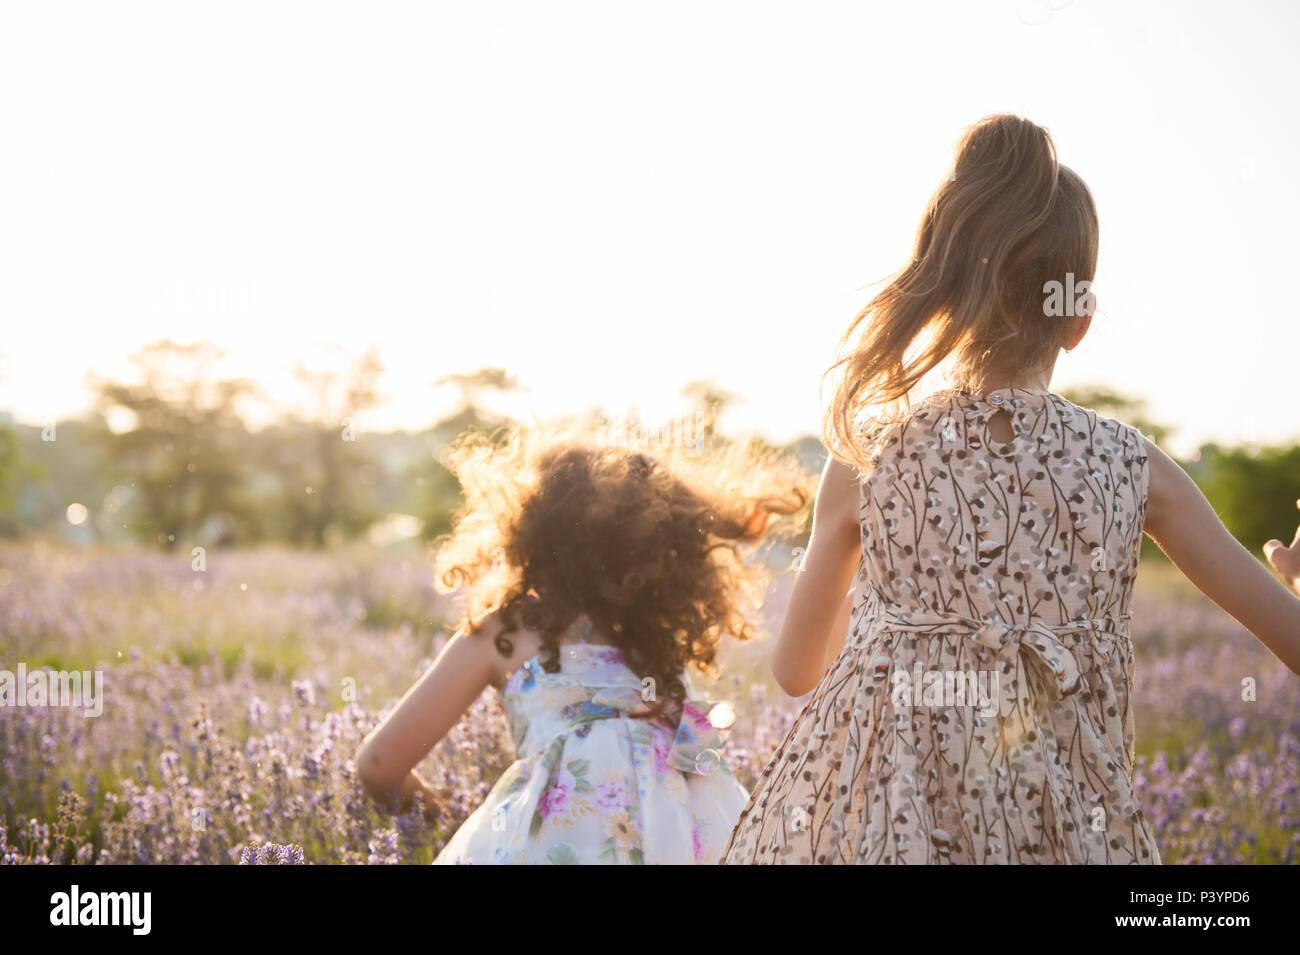 Dos niñas pequeñas juguetona en vestidos entre campo lila jugar burbujas de jabón Imagen De Stock